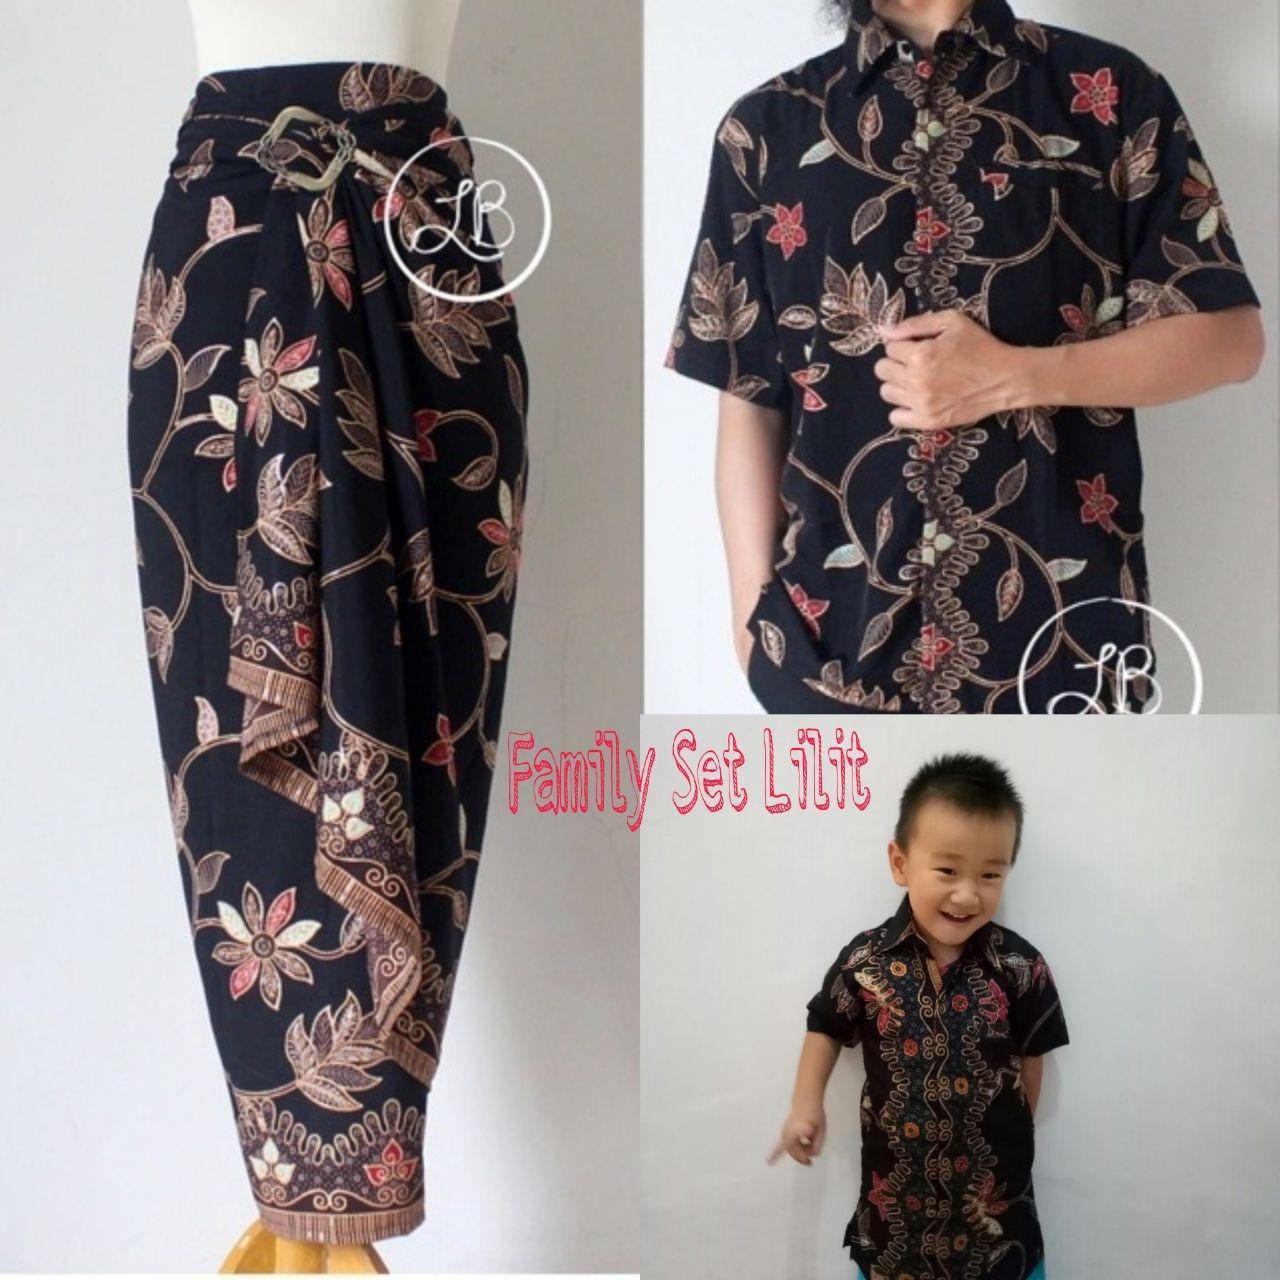 Cj collection Stelan couple batik family 3in1 baju batik dan rok lilit bapak dan anak atasan kemeja pria dewasa dan kemeja anak-anak dan rok lilit batik panjang wanita jumbo blouse blus shirt long skirt Yuna